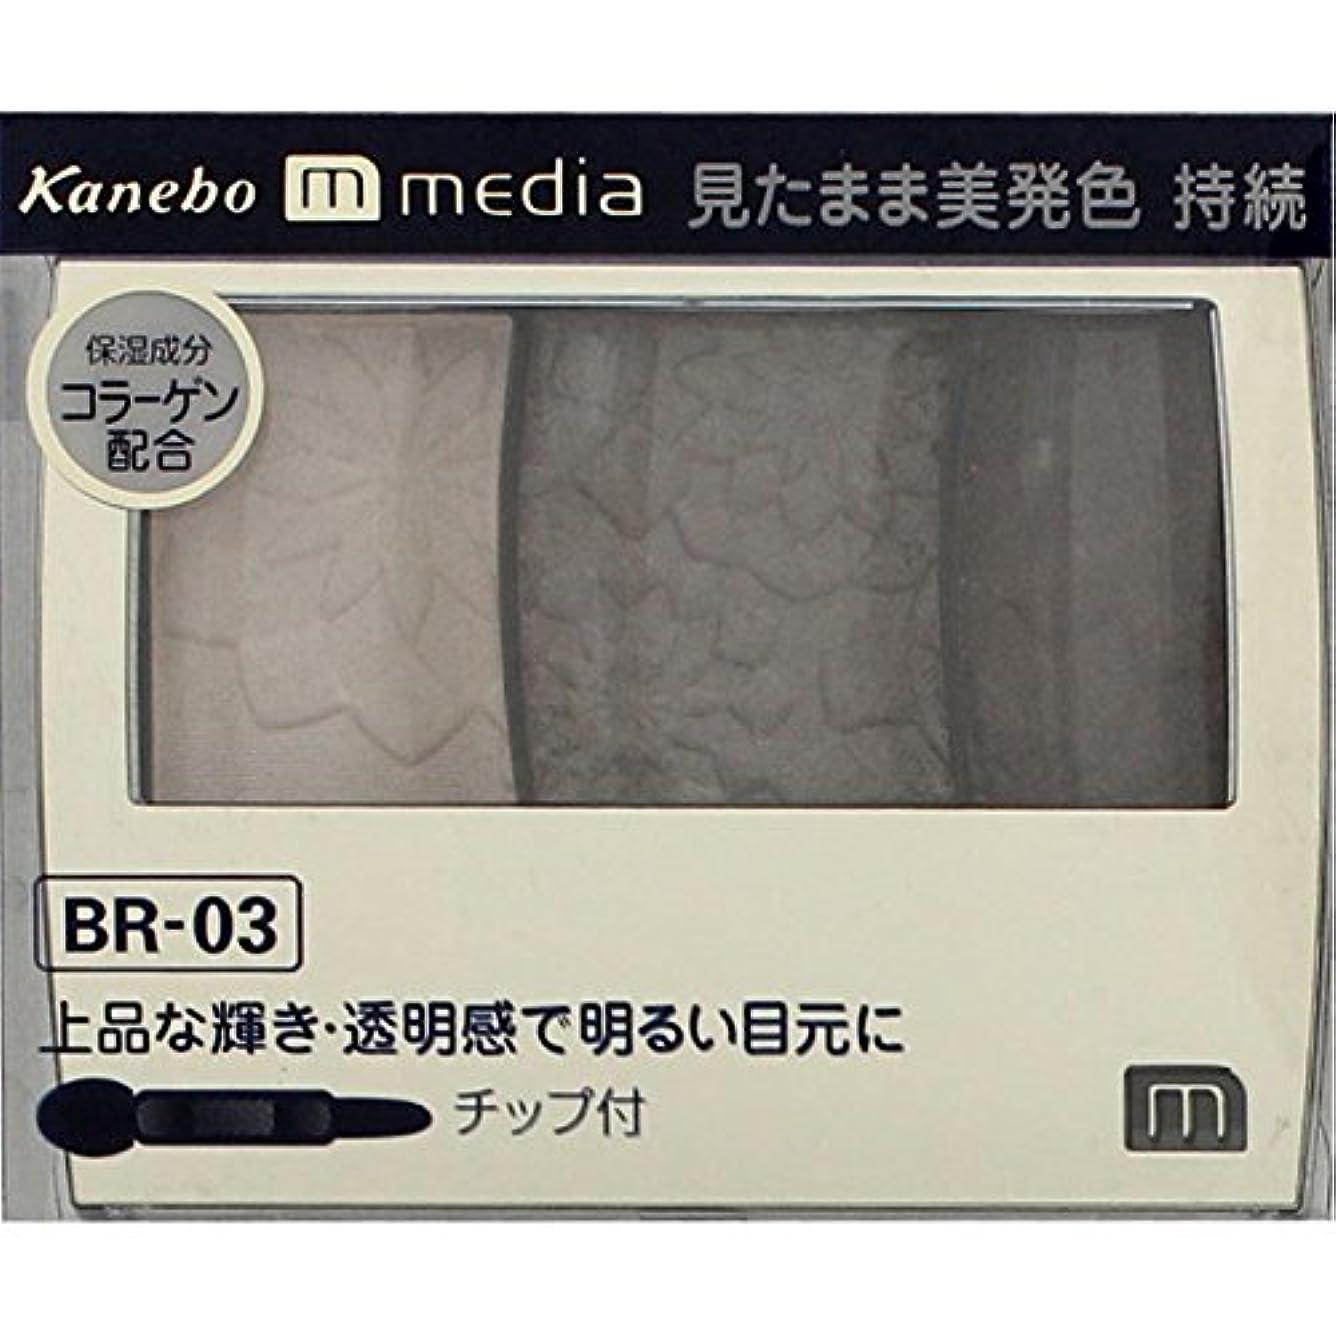 フォーマット急いで減衰【カネボウ】 メディア グラデカラーアイシャドウ BR-03